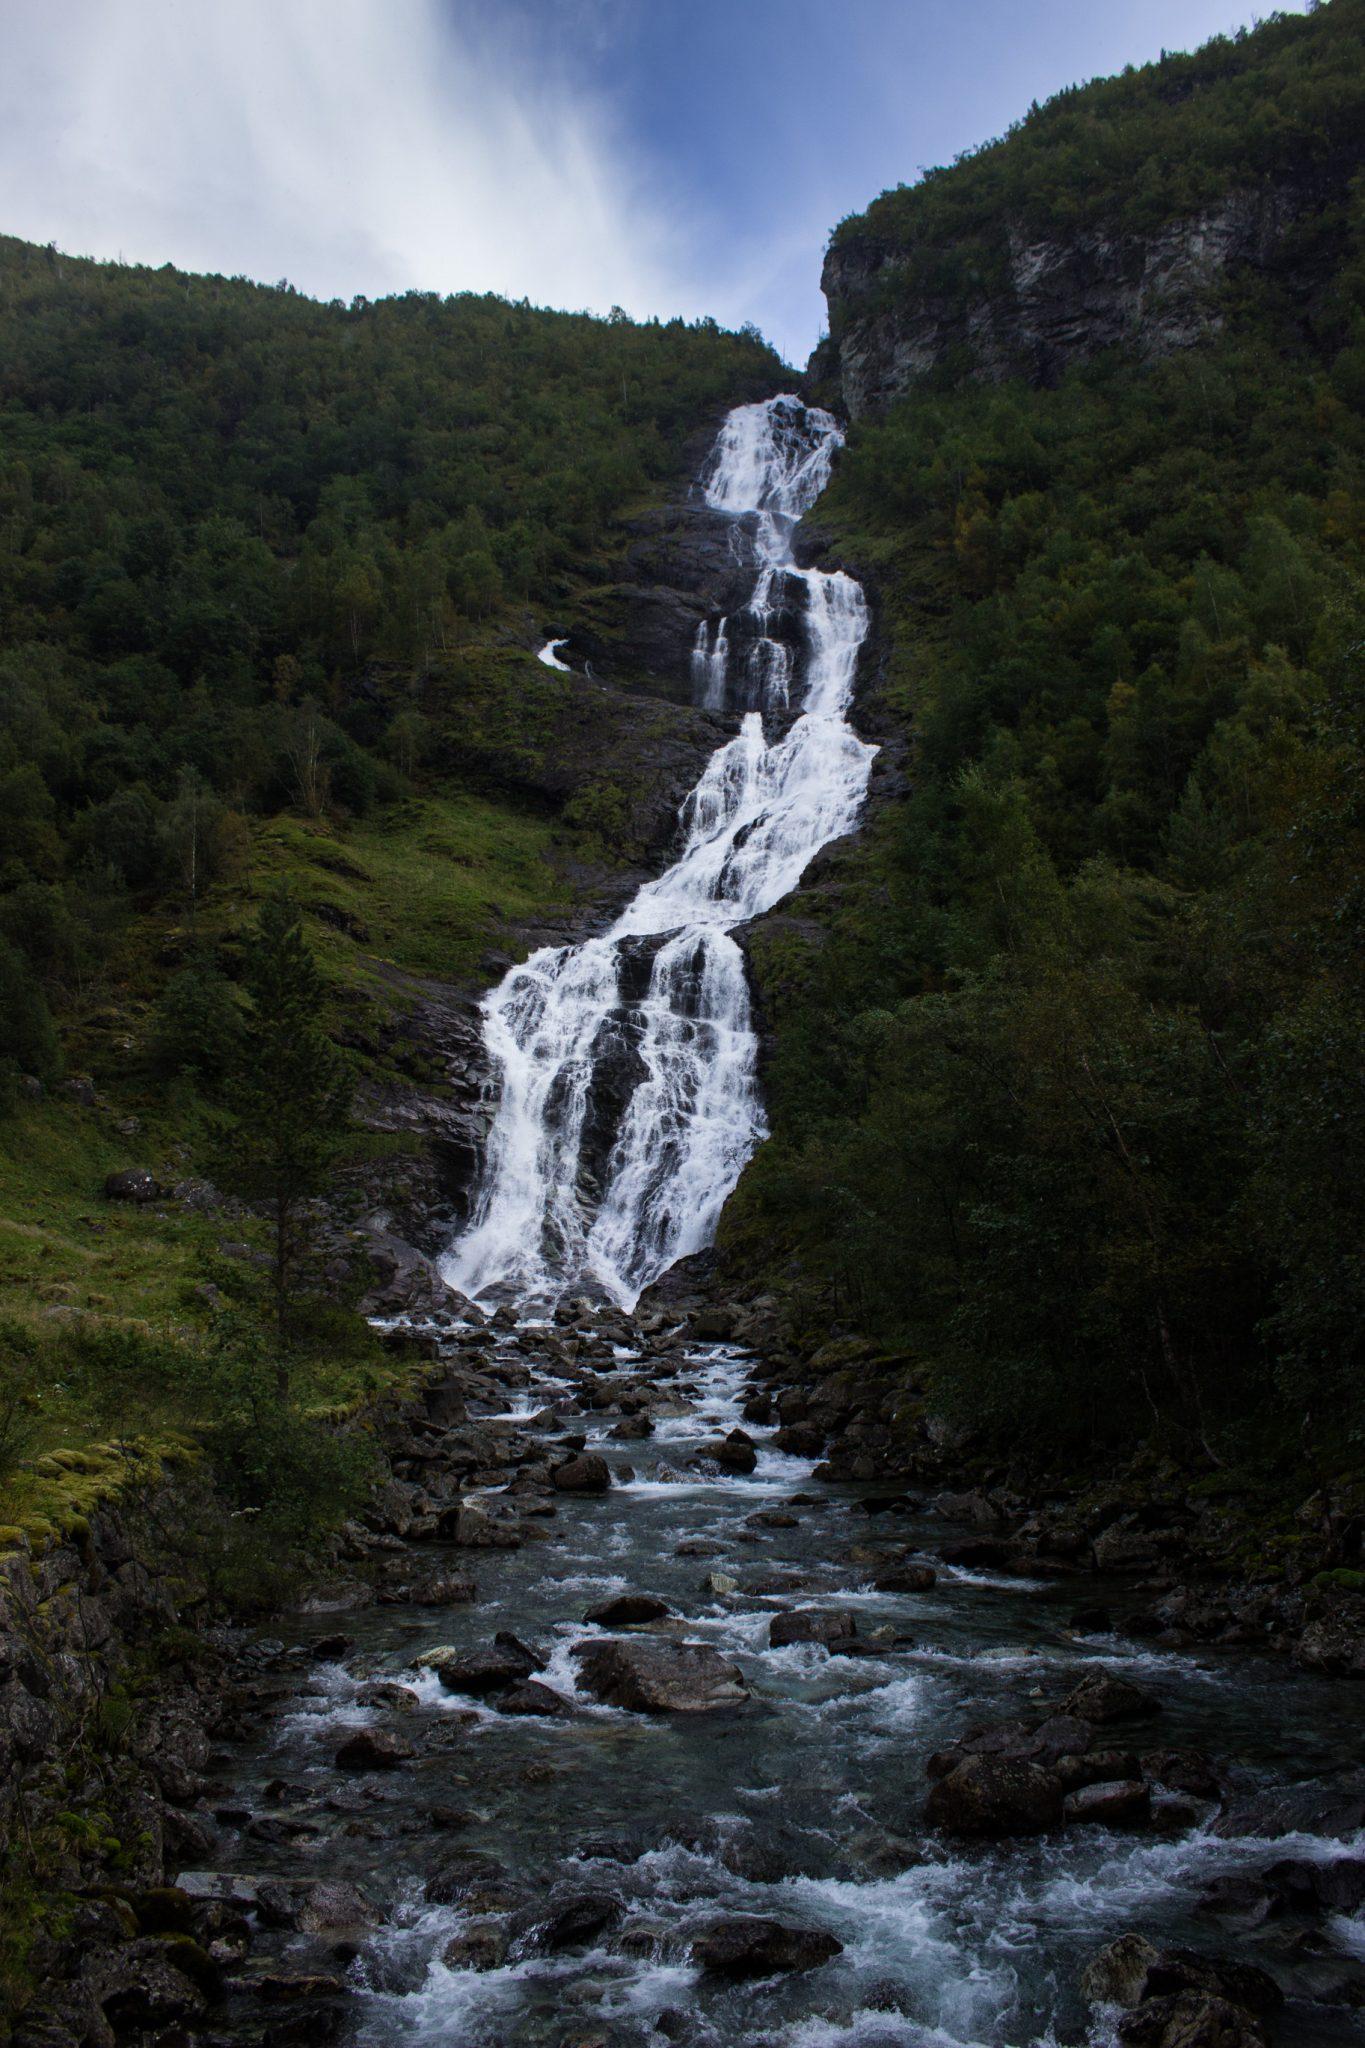 Wanderung zum Vettisfossen Wasserfall, höchster unregulierter Wasserfall in Norwegen mit schönem Wald ringsum